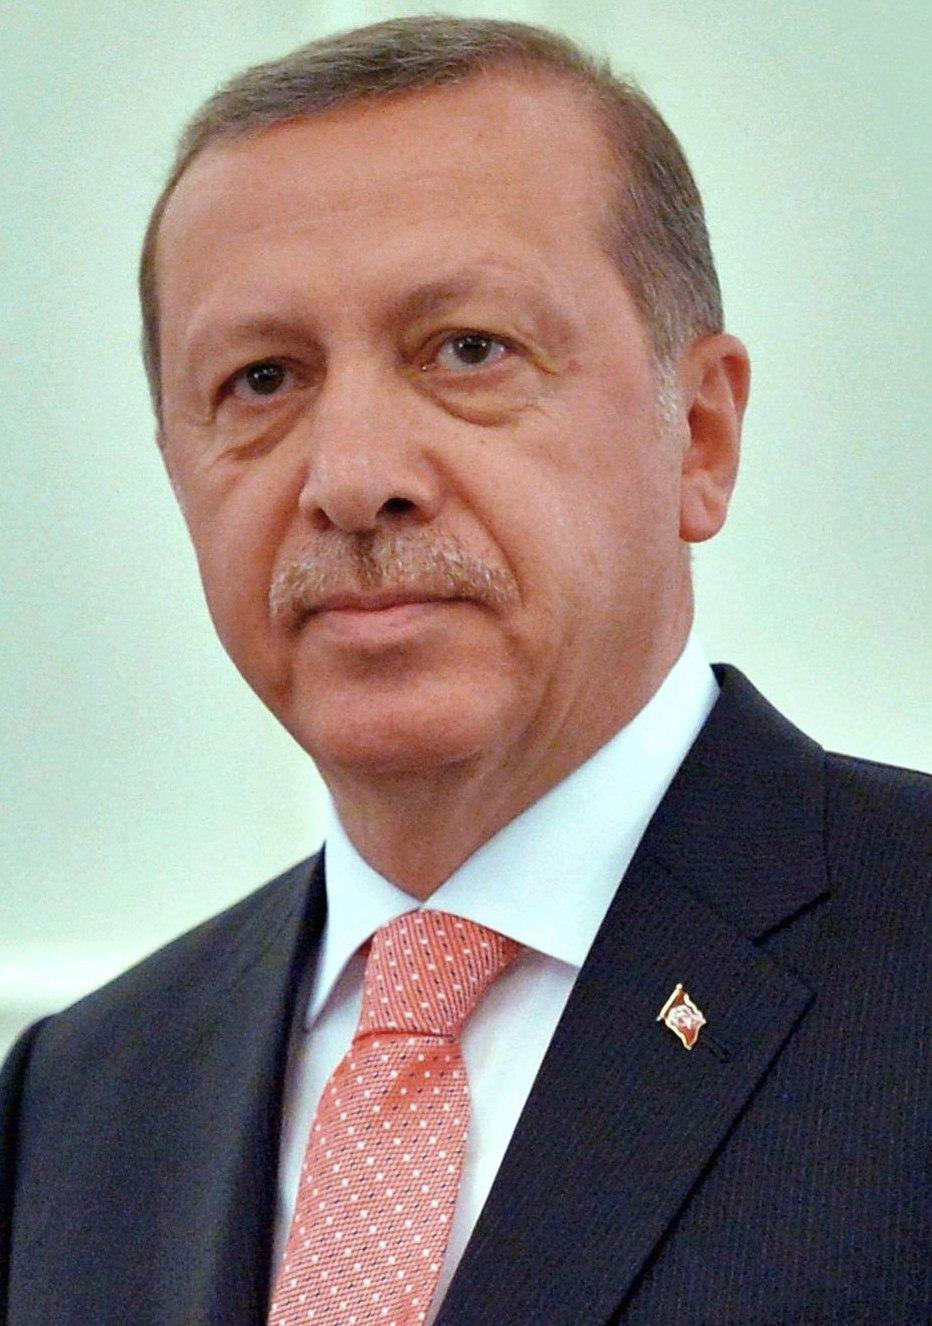 Recep Tayyip Erdoğan June 2015